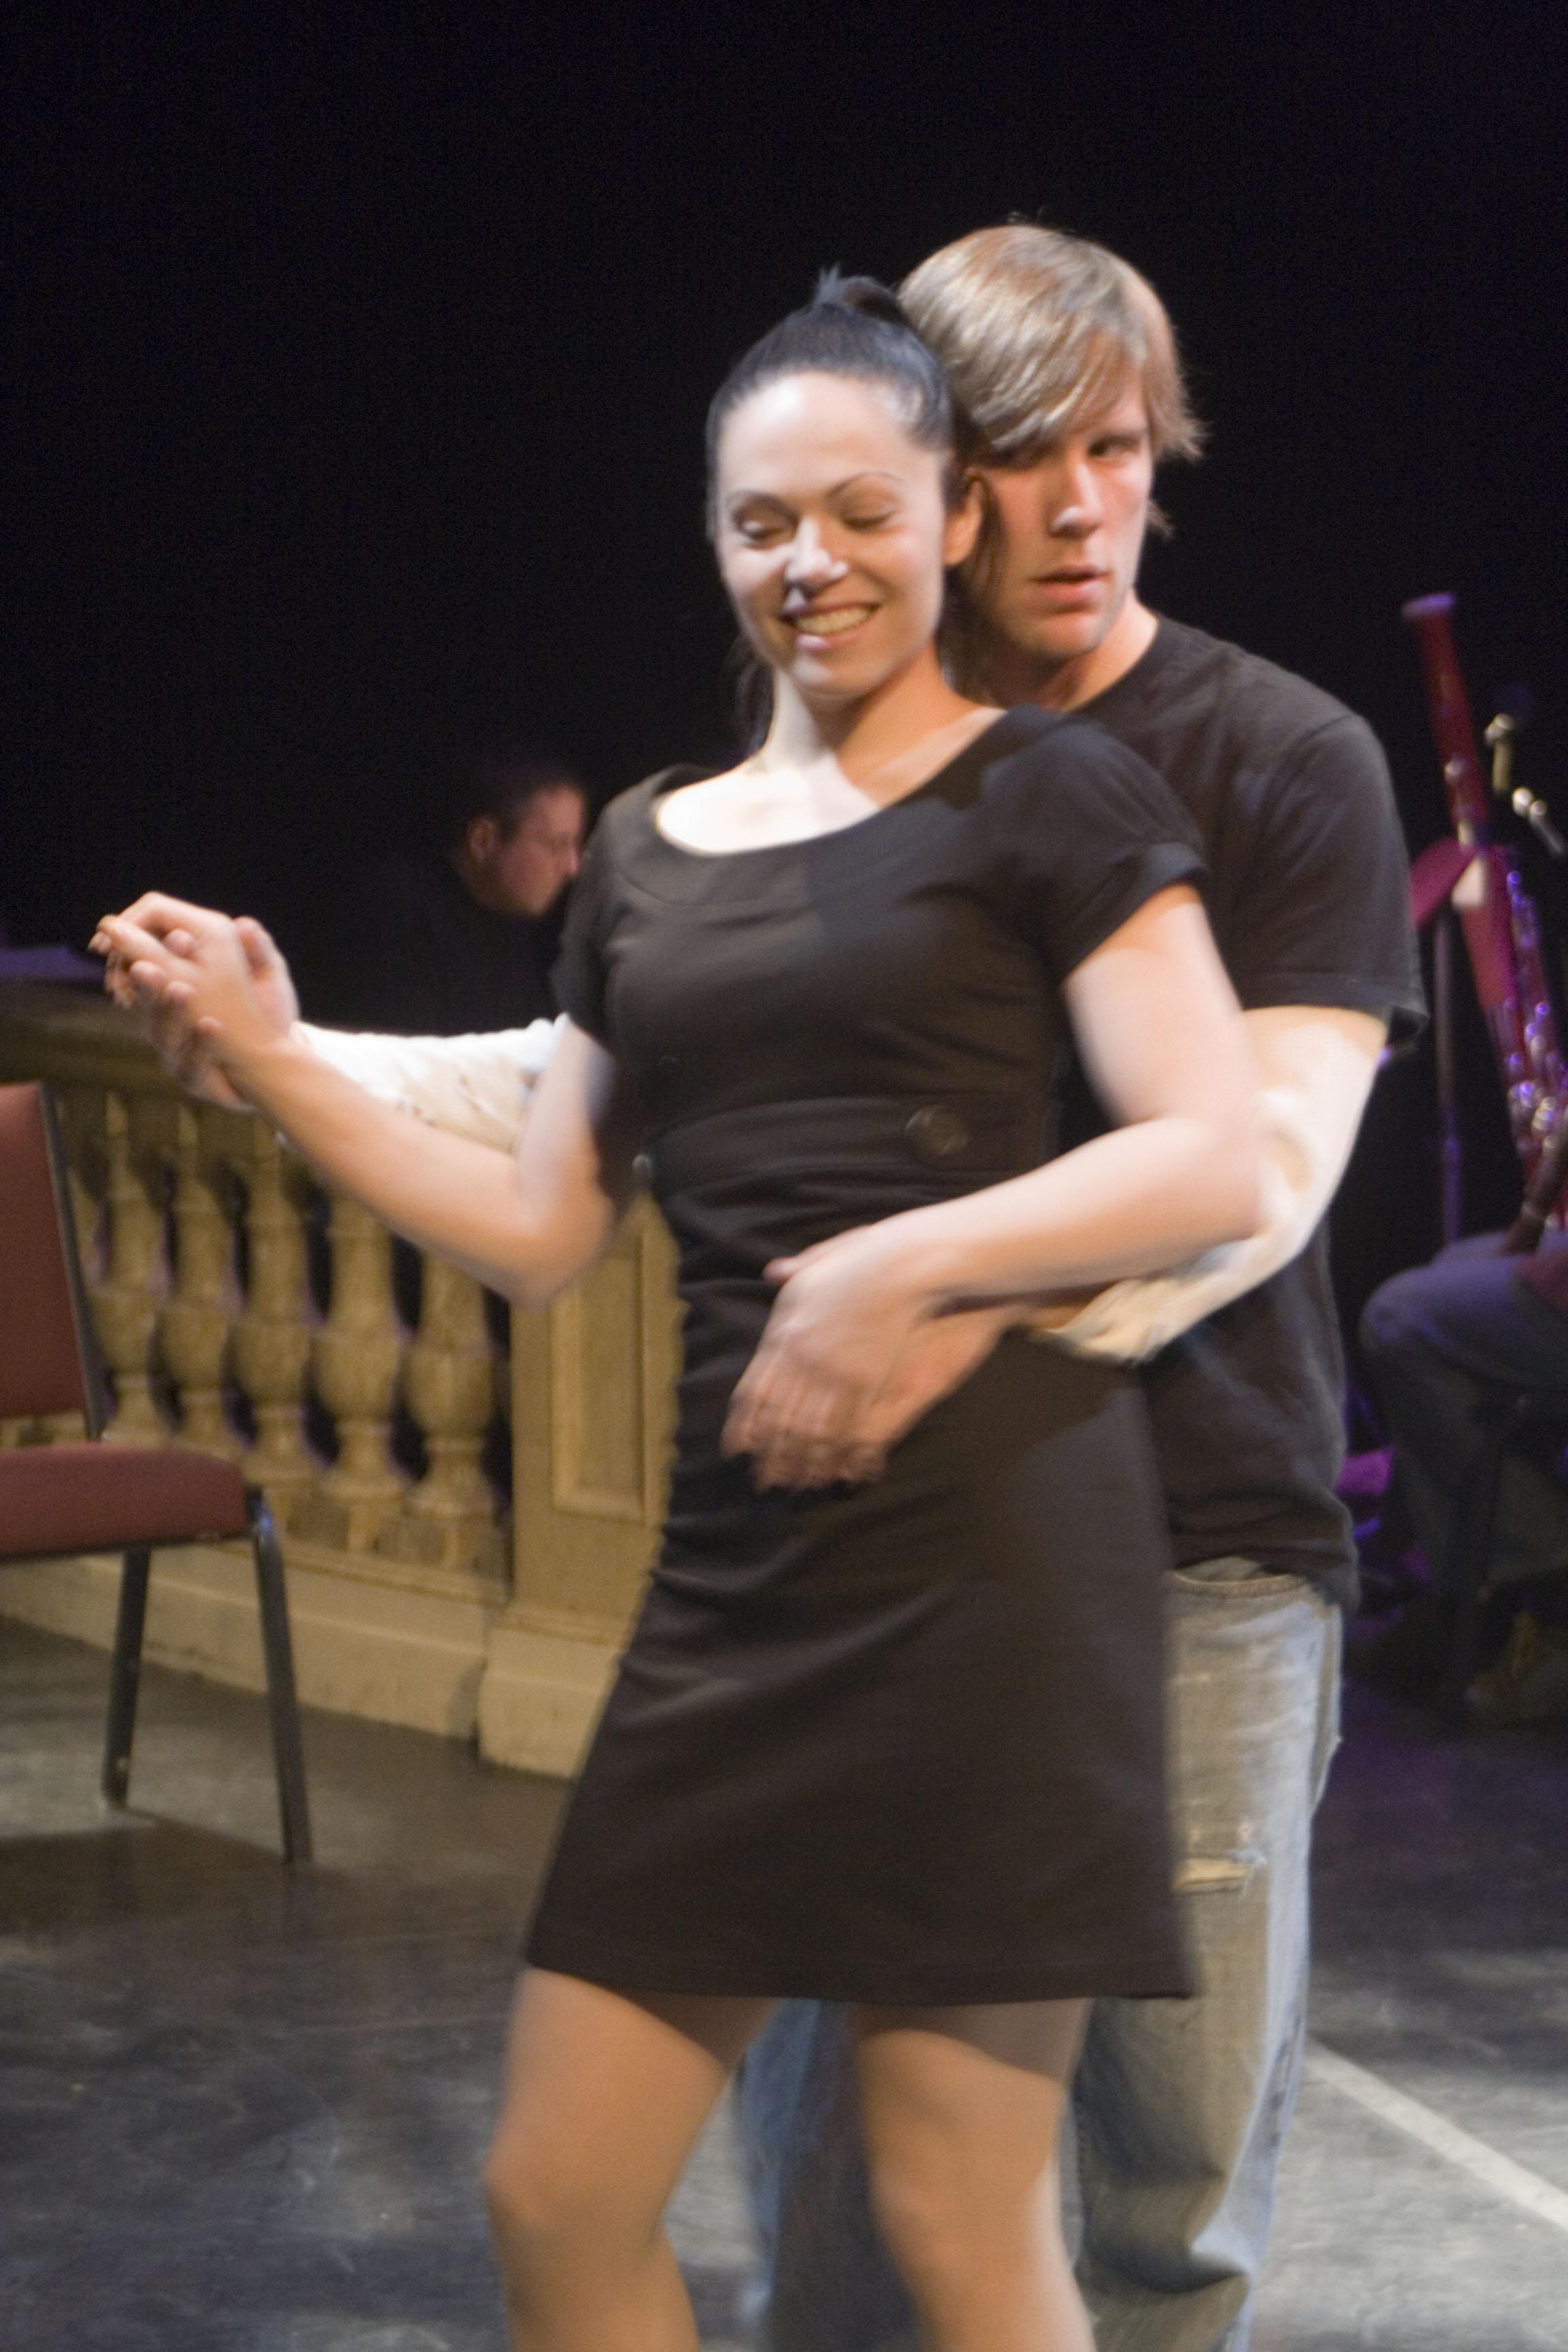 Adam Hose and Cassandra Vincent. Photo by Lauren Braun